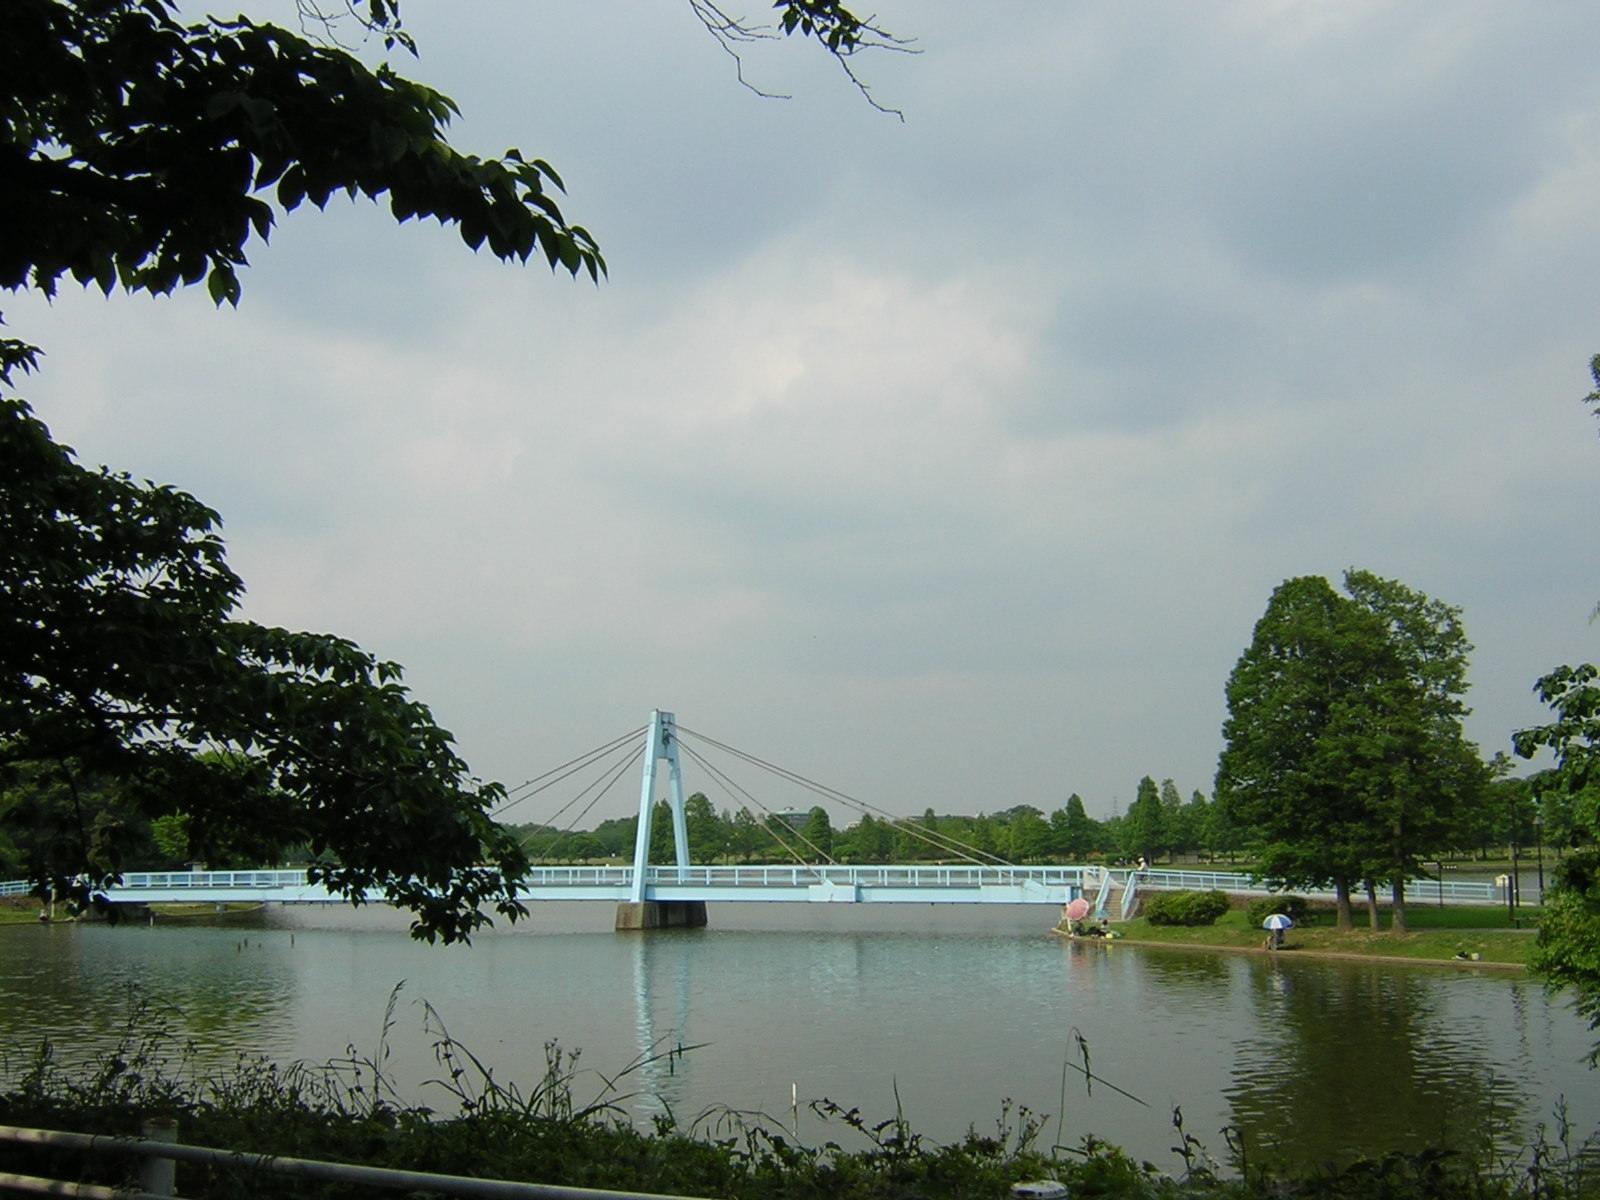 水元公園の大きな橋